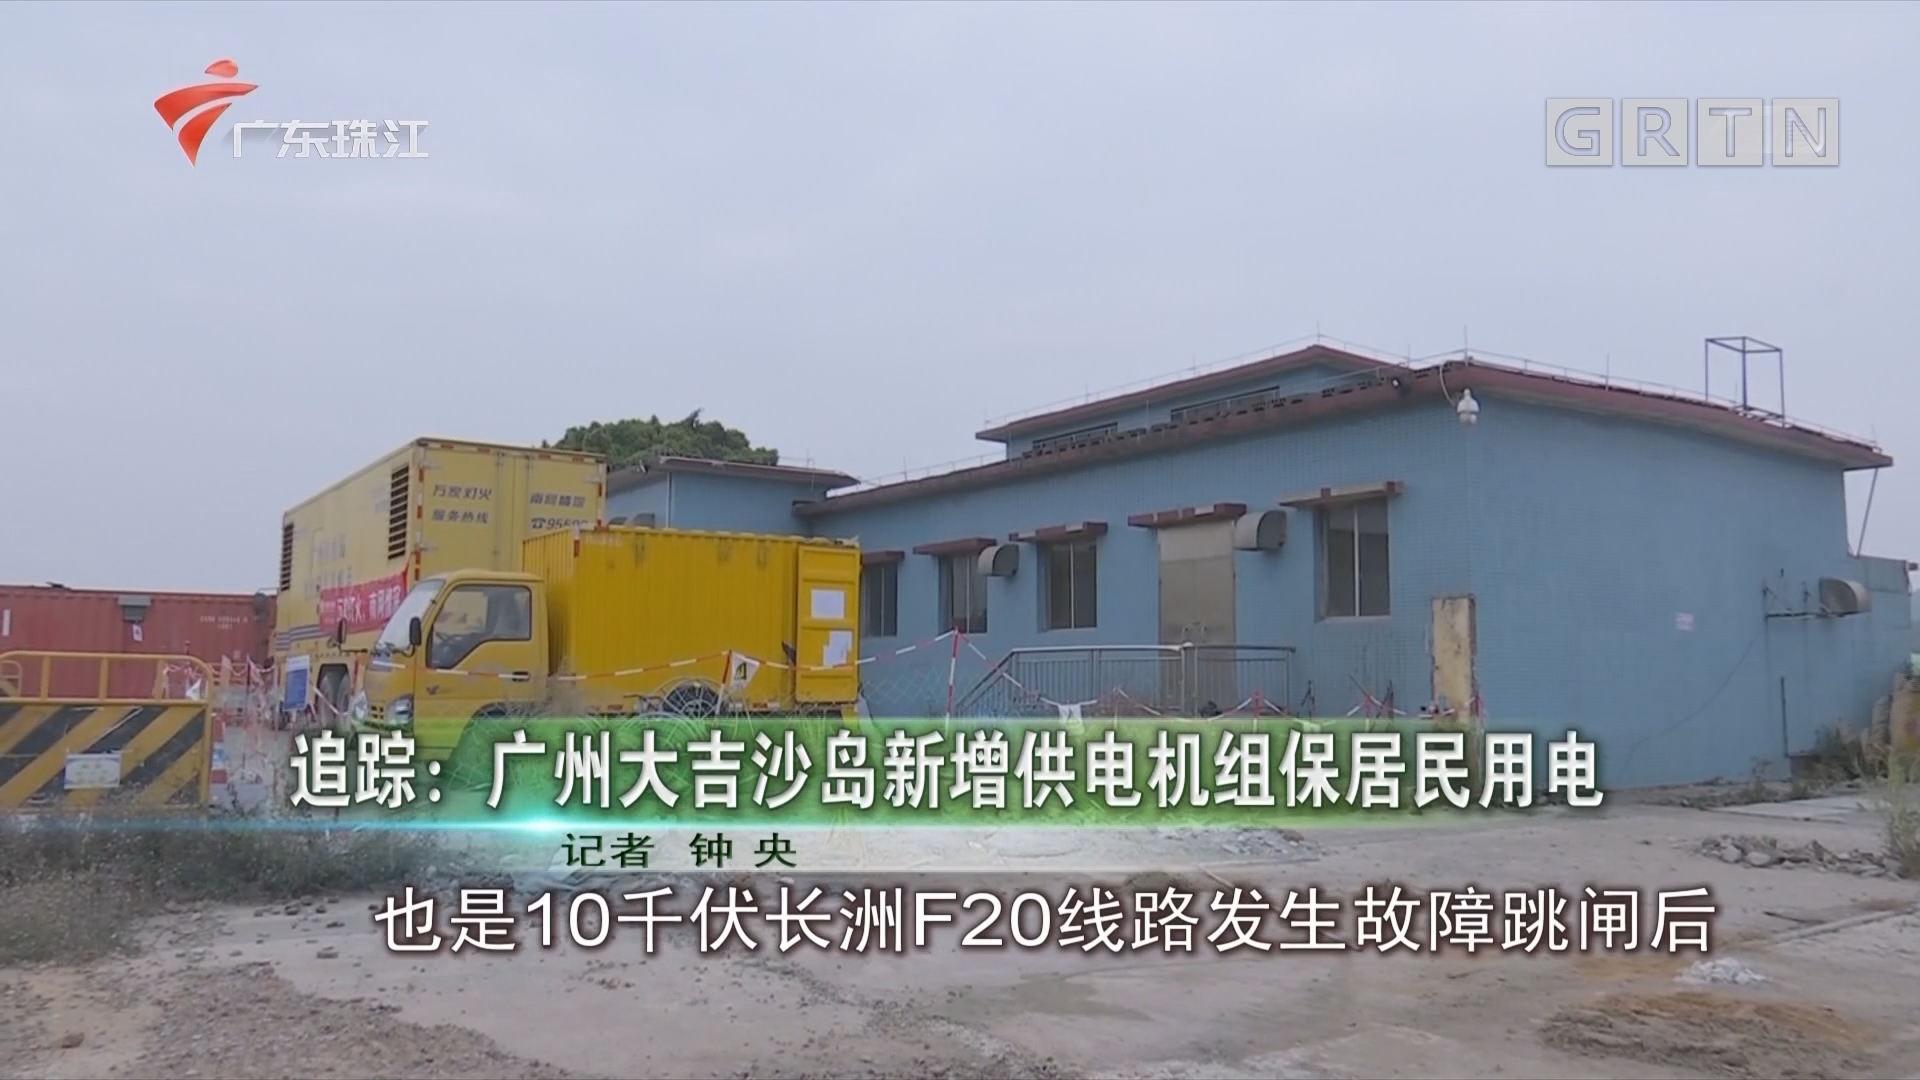 追踪:广州大吉沙岛新增供电机组保居民用电